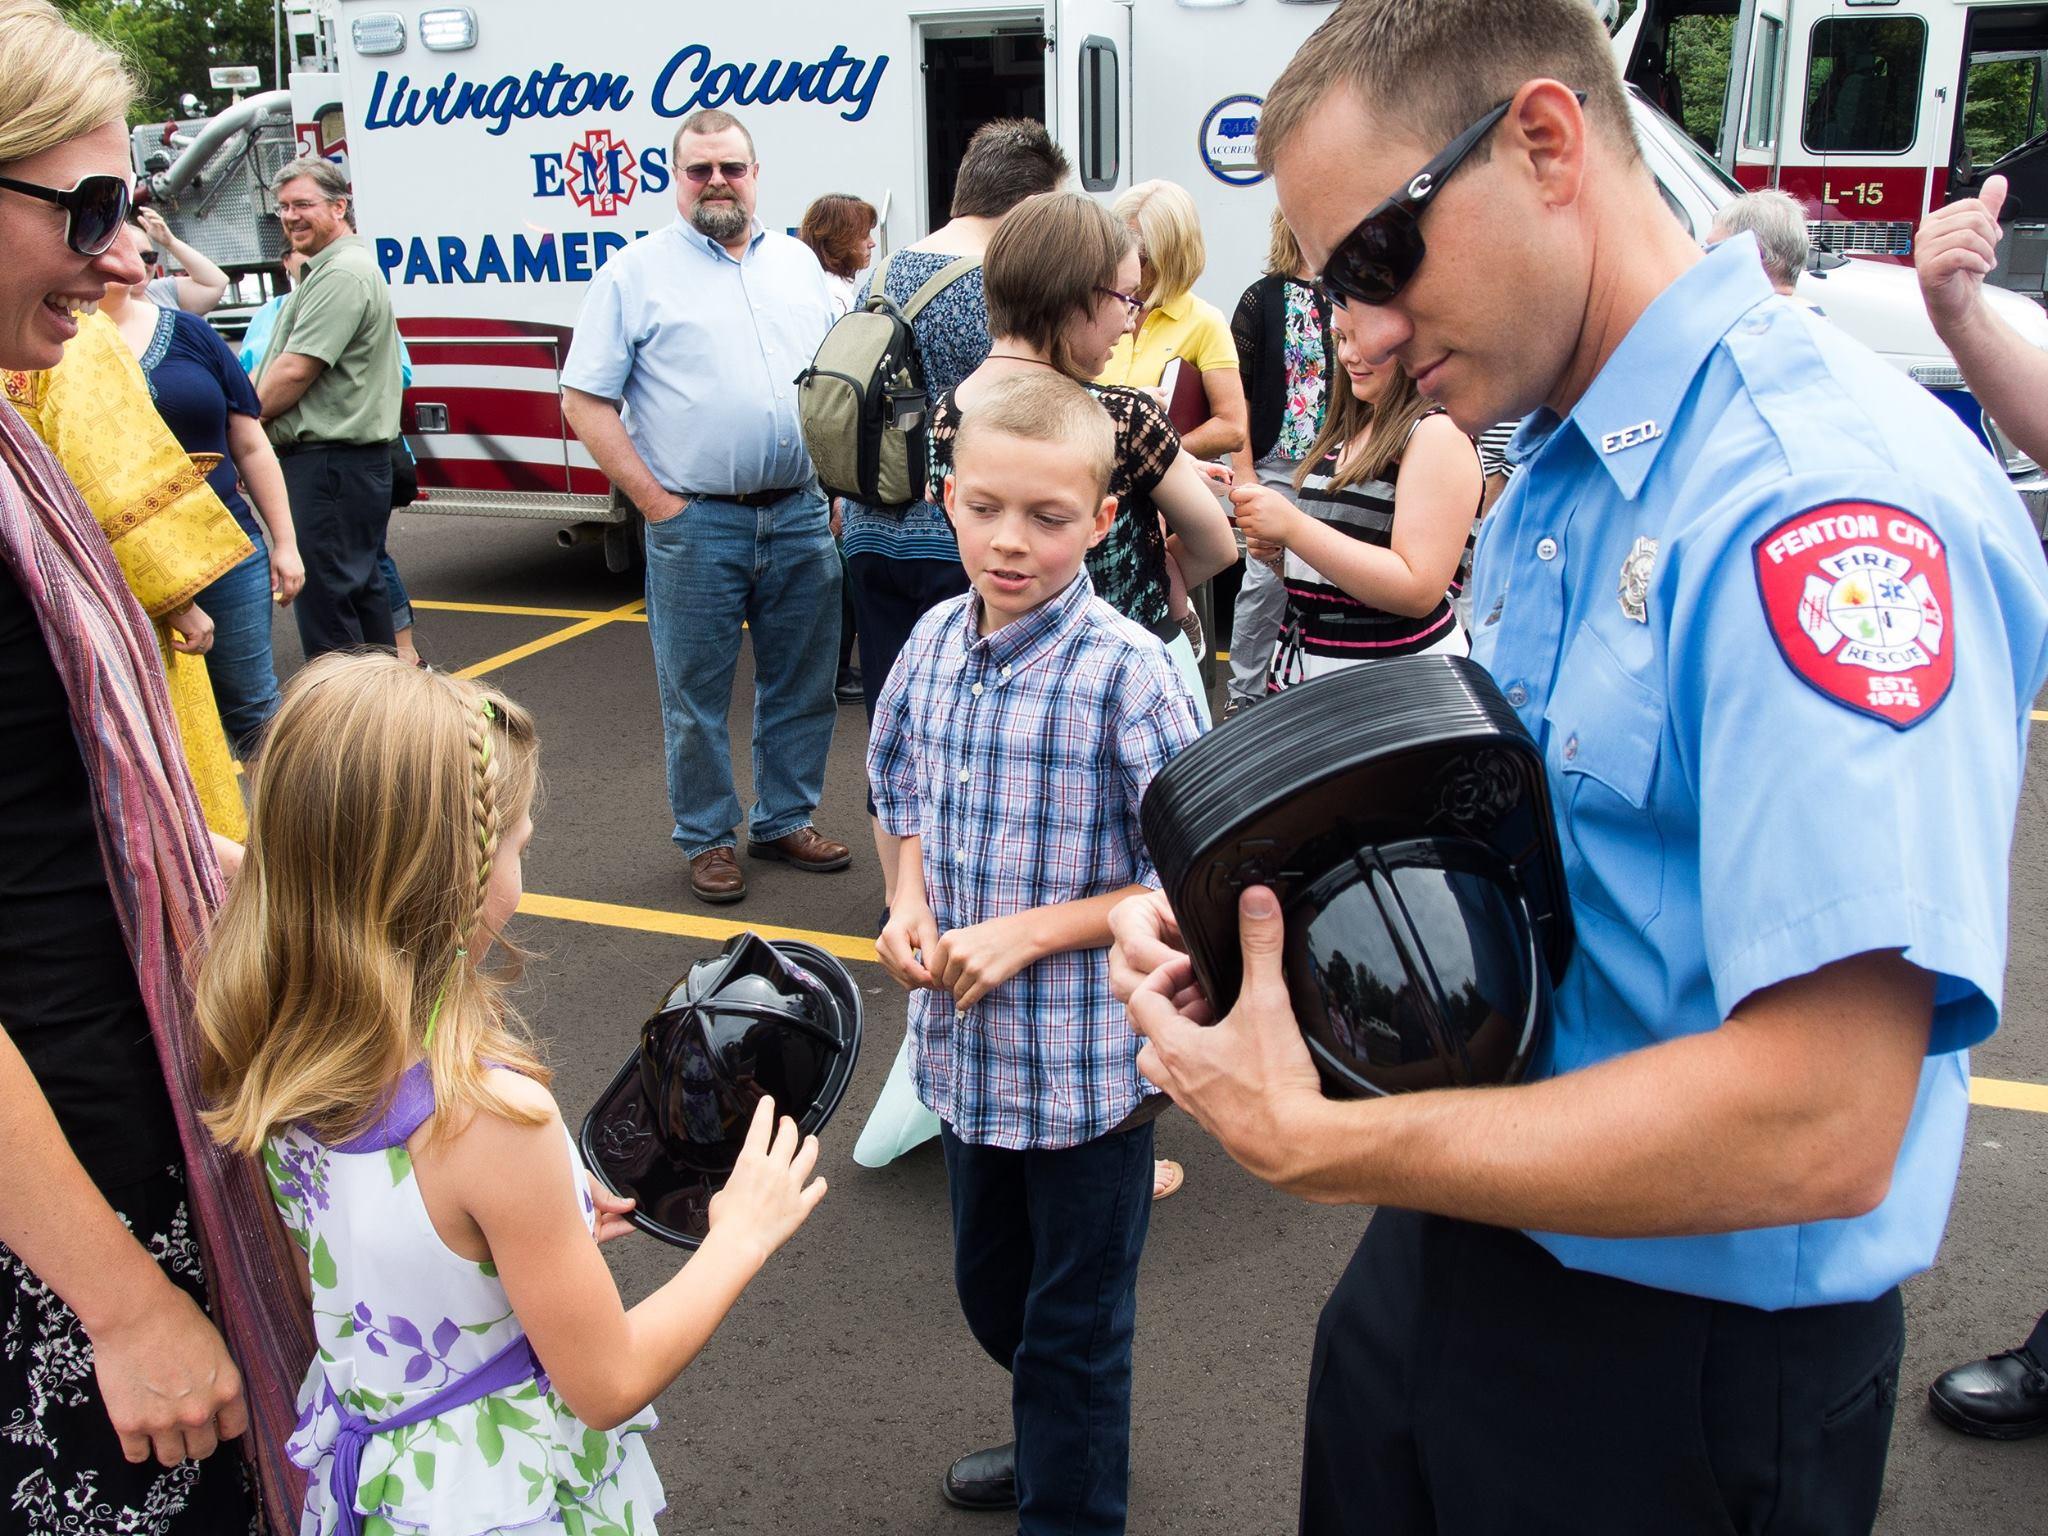 Firemen handing out Hats.jpg